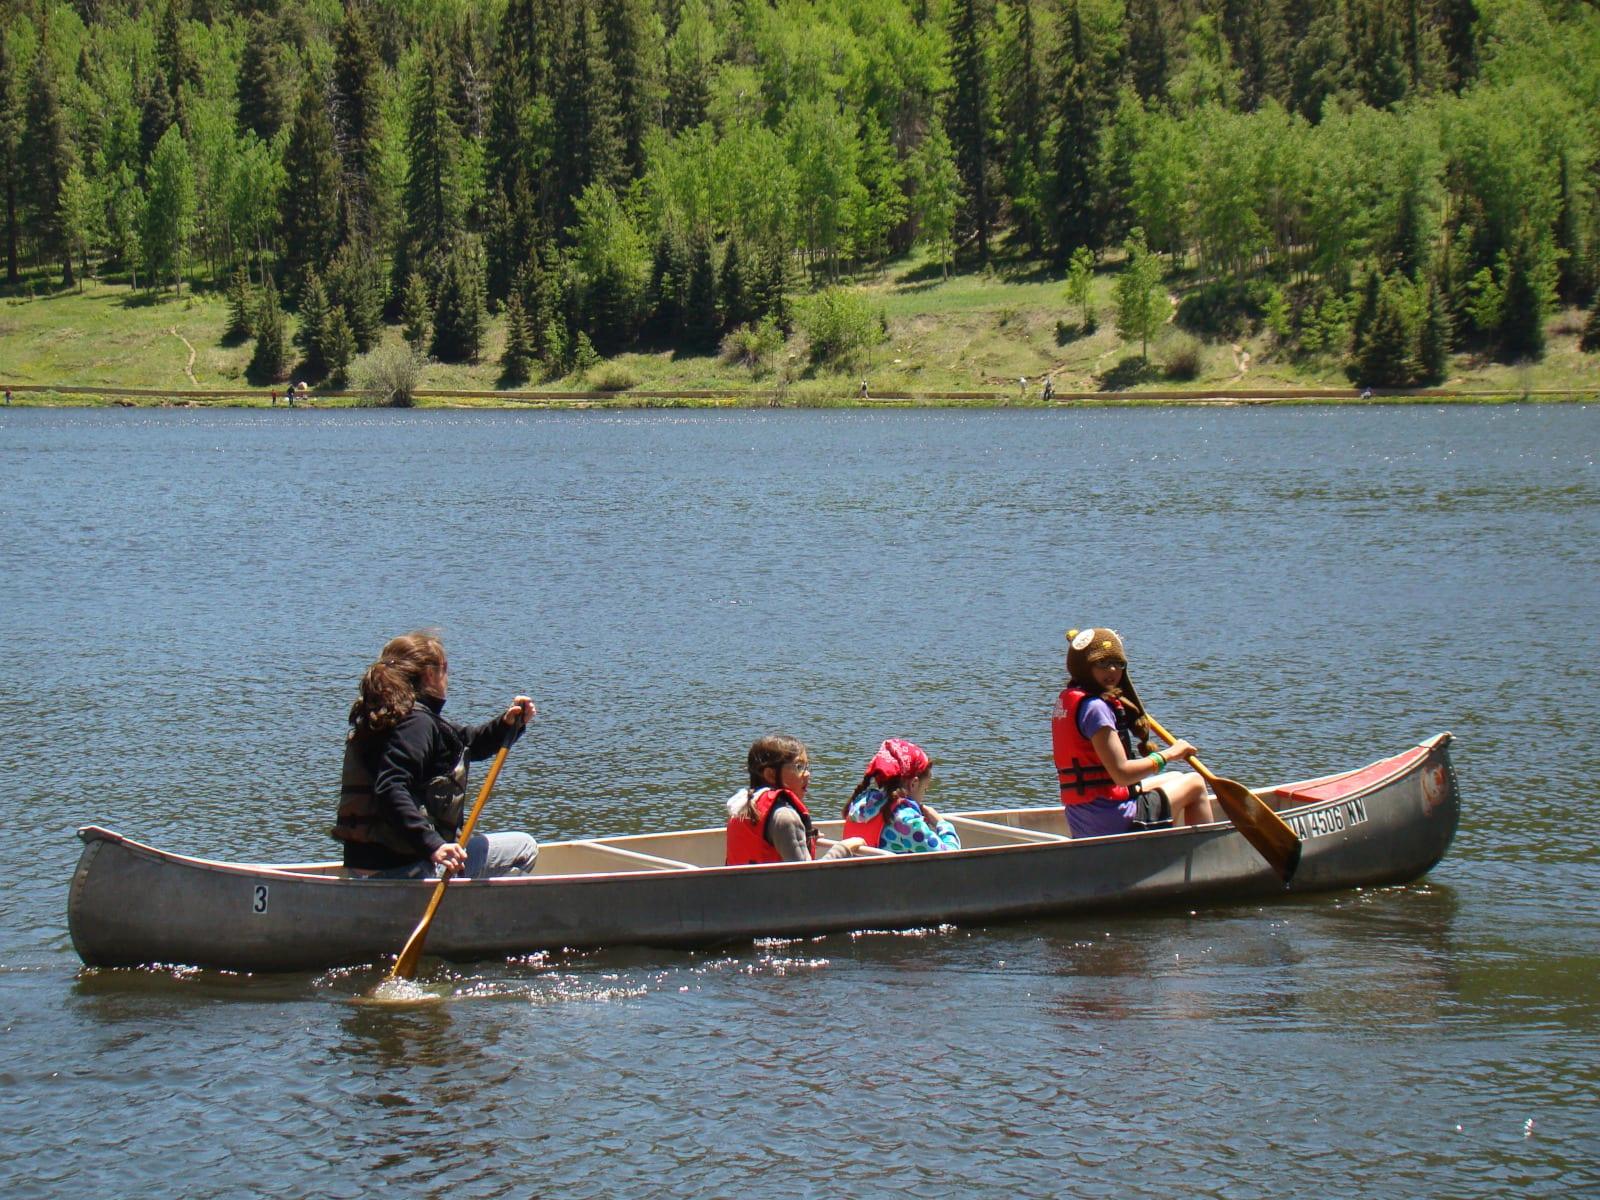 Watersports Colorado Lake Isabel Canoeing